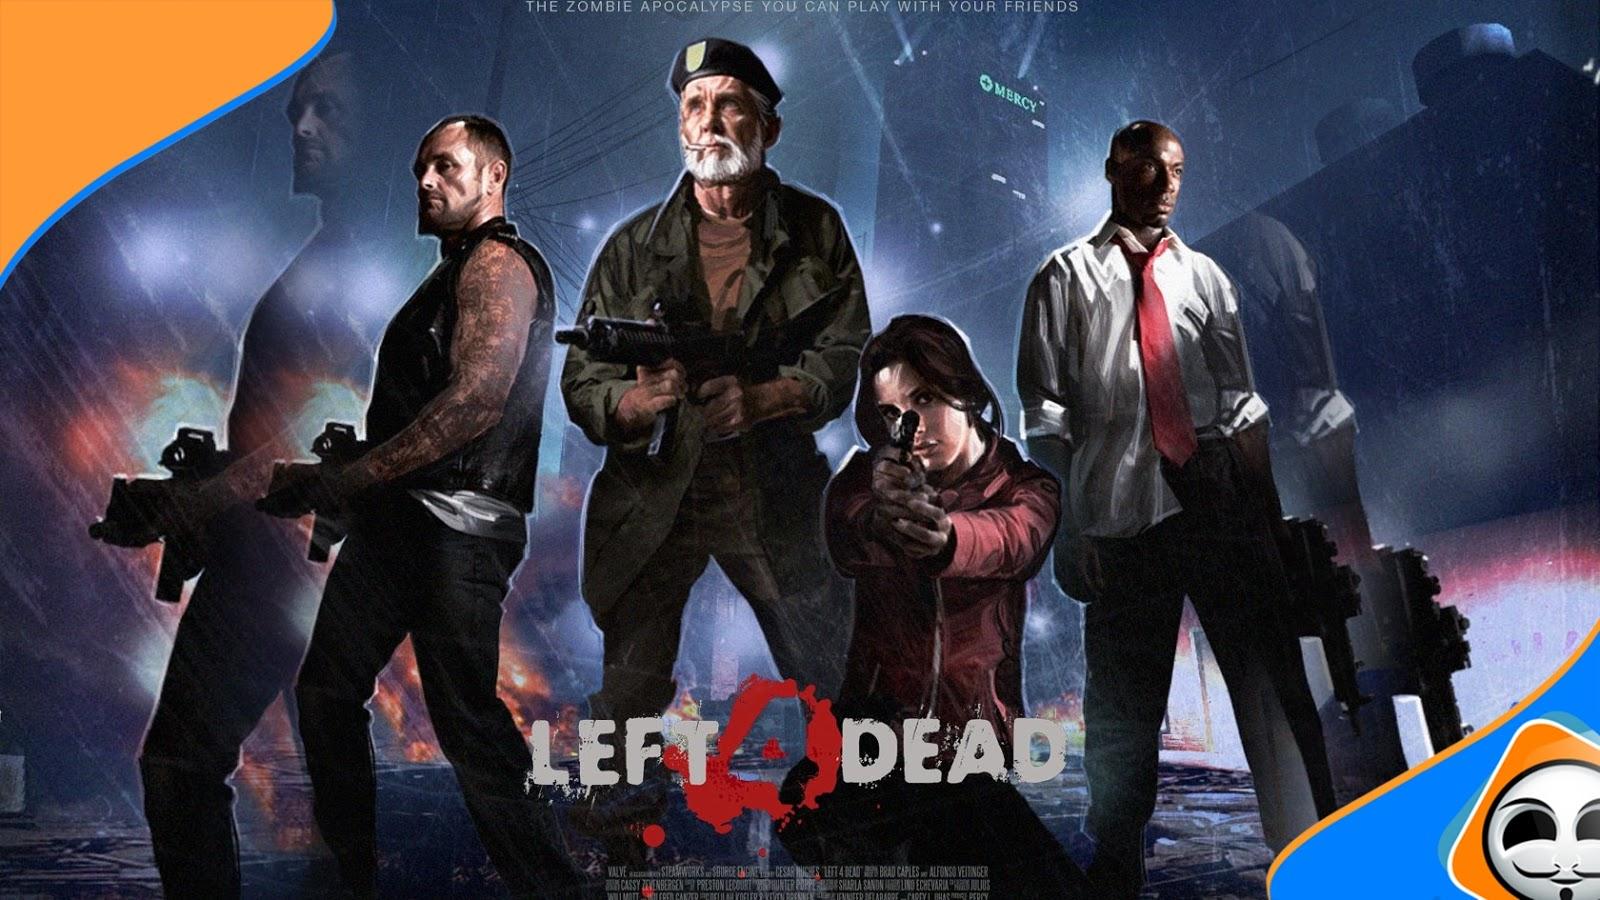 تحميل وثبيت لعبة Left 4 Dead الرائعة إقضي على كائنات